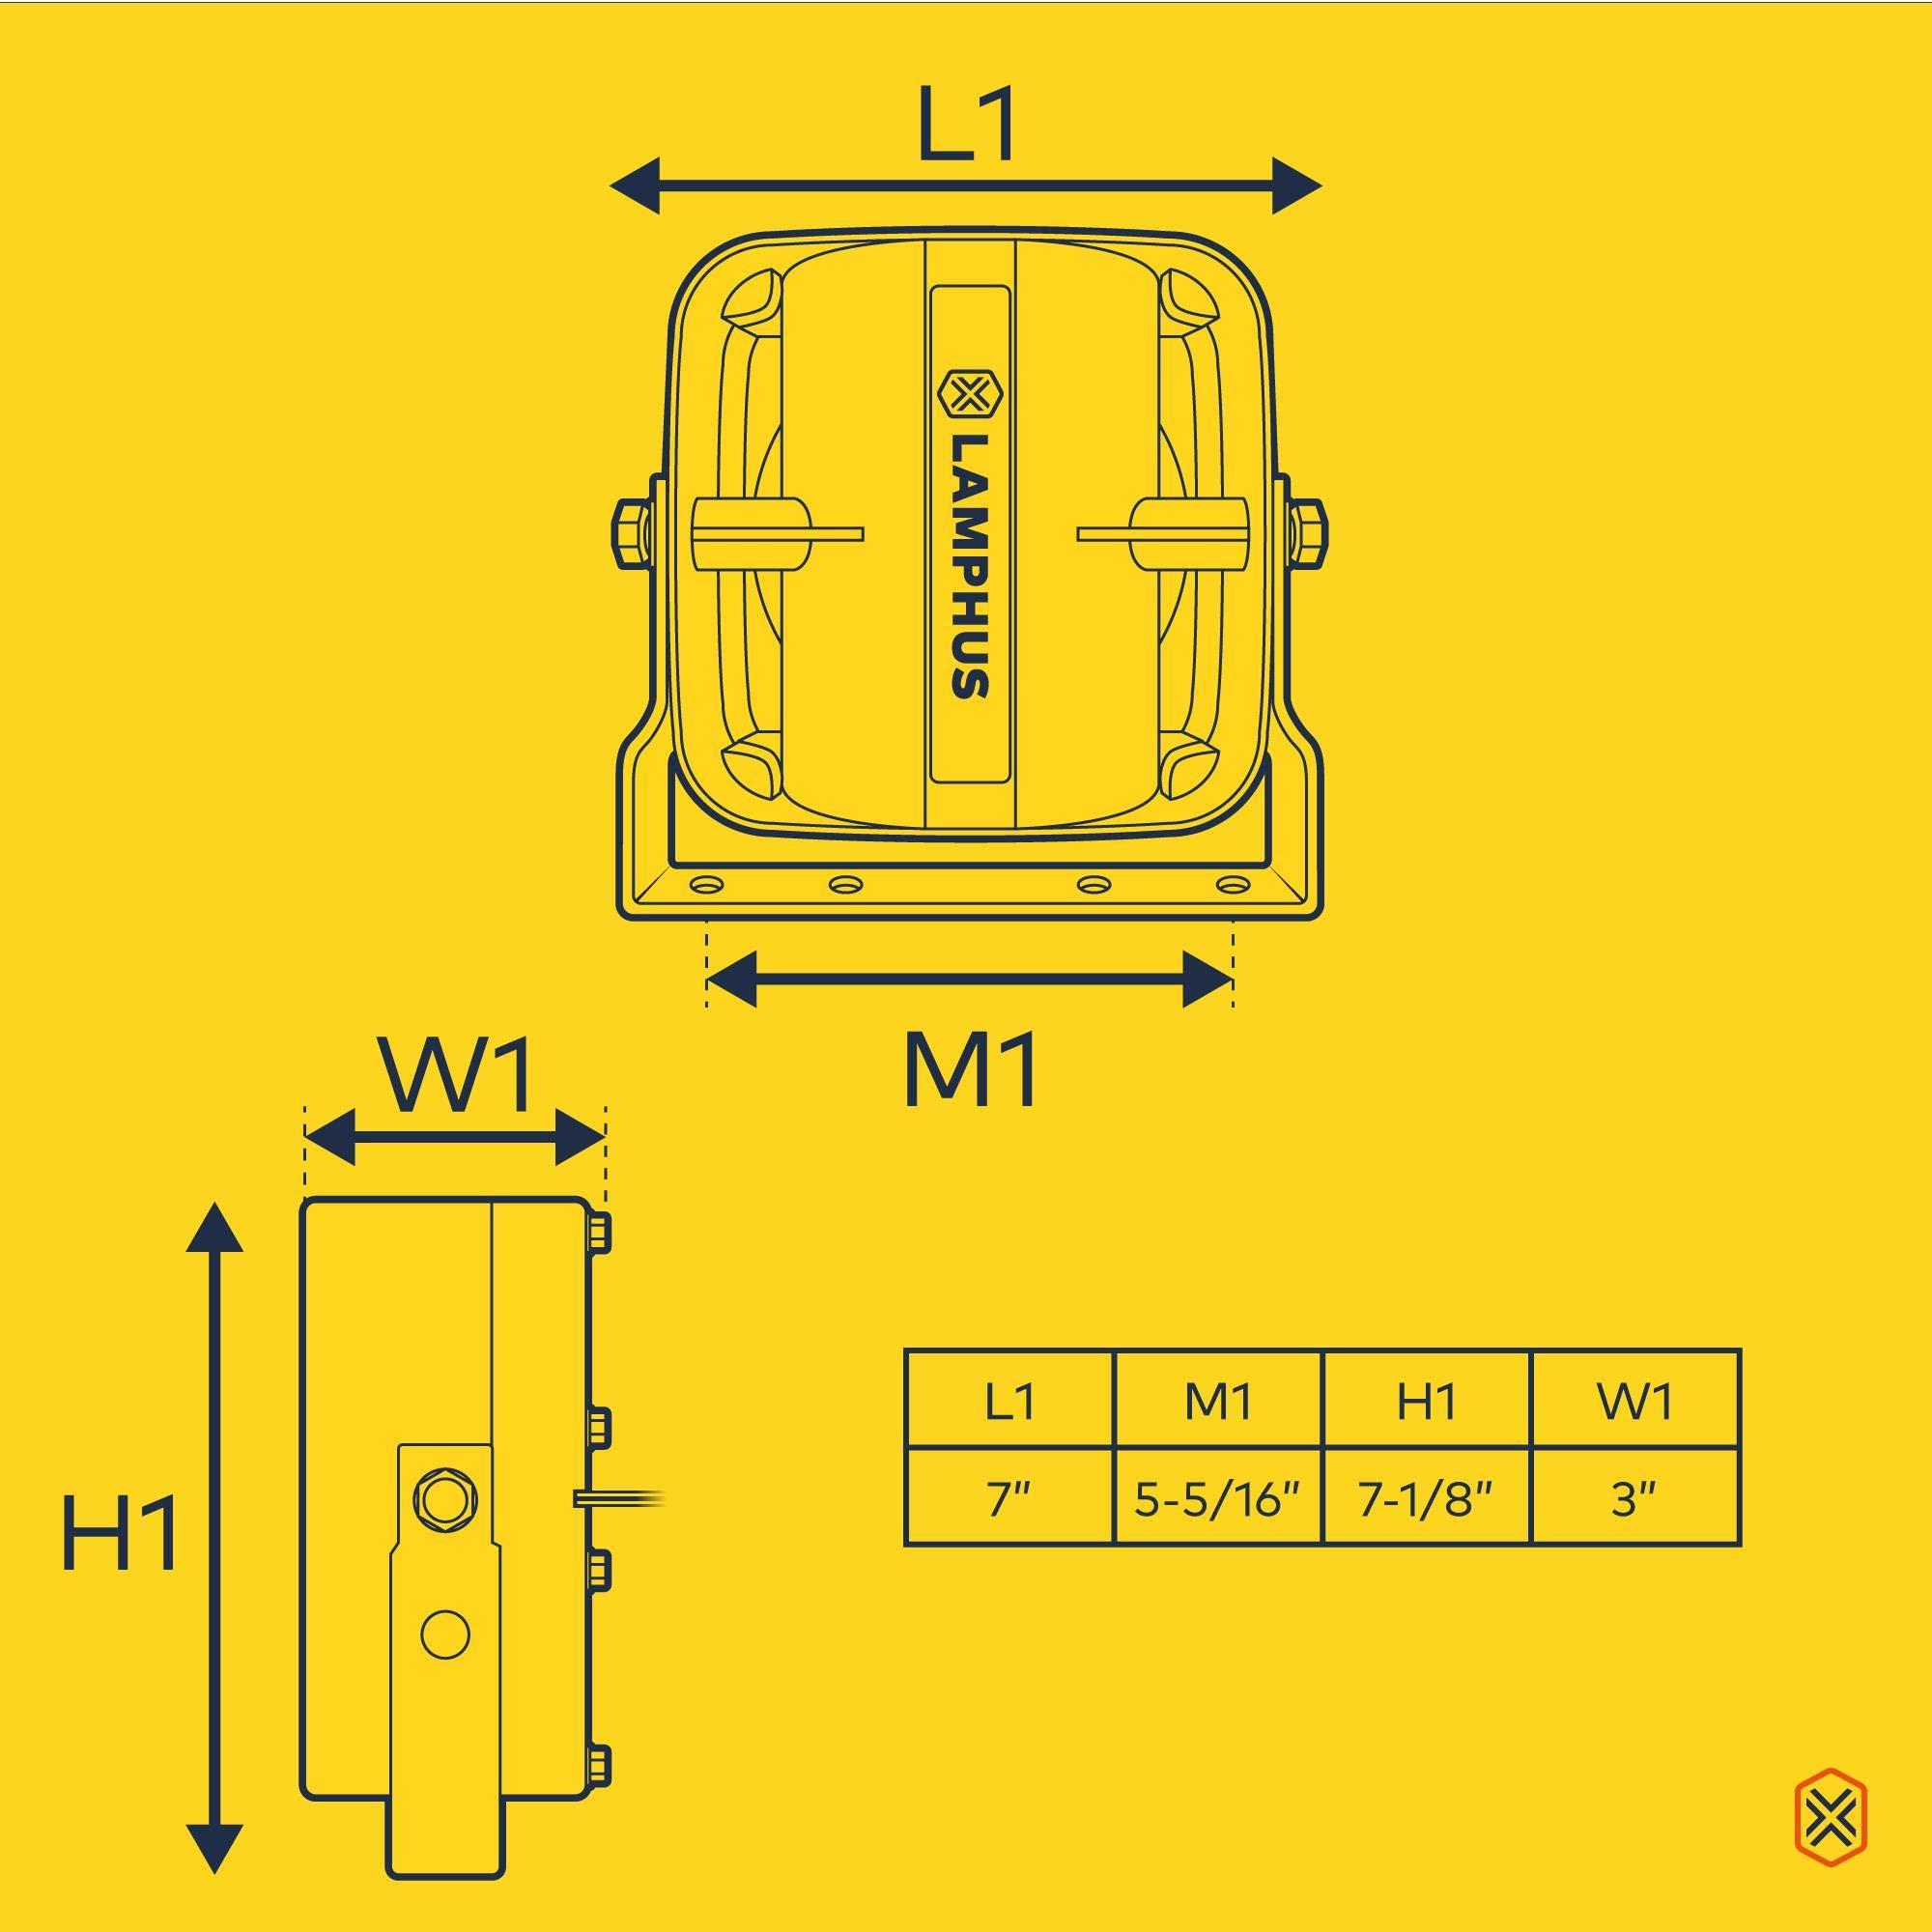 Lamphus Soundalert 12v 100w Electric Pol Buy Online In Bermuda At Desertcart